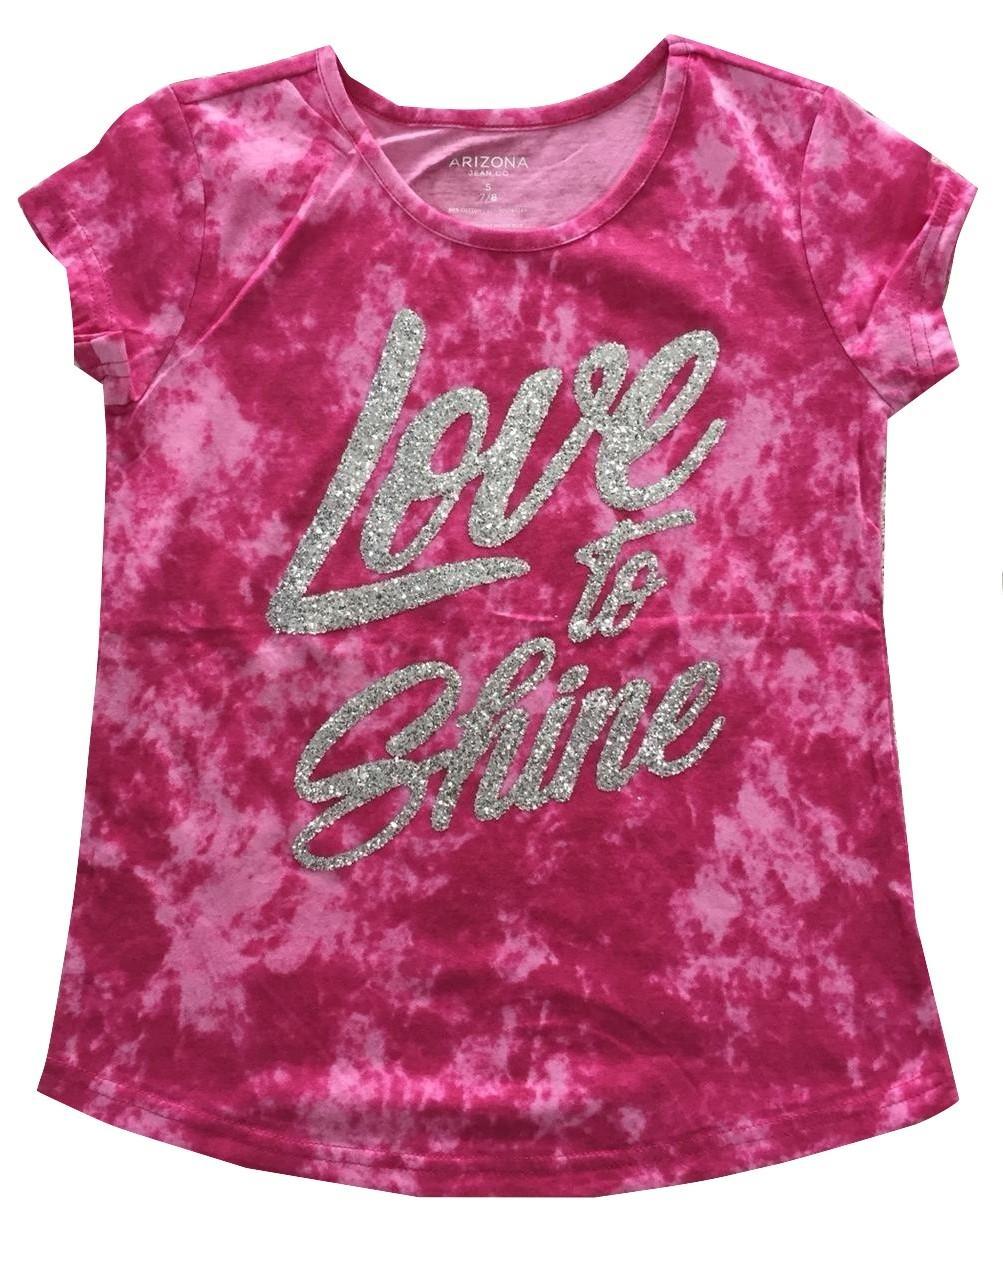 Baju Kaos Atasan Anak Perempuan / Kaos Remaja / Kaos Wanita Branded AR-08